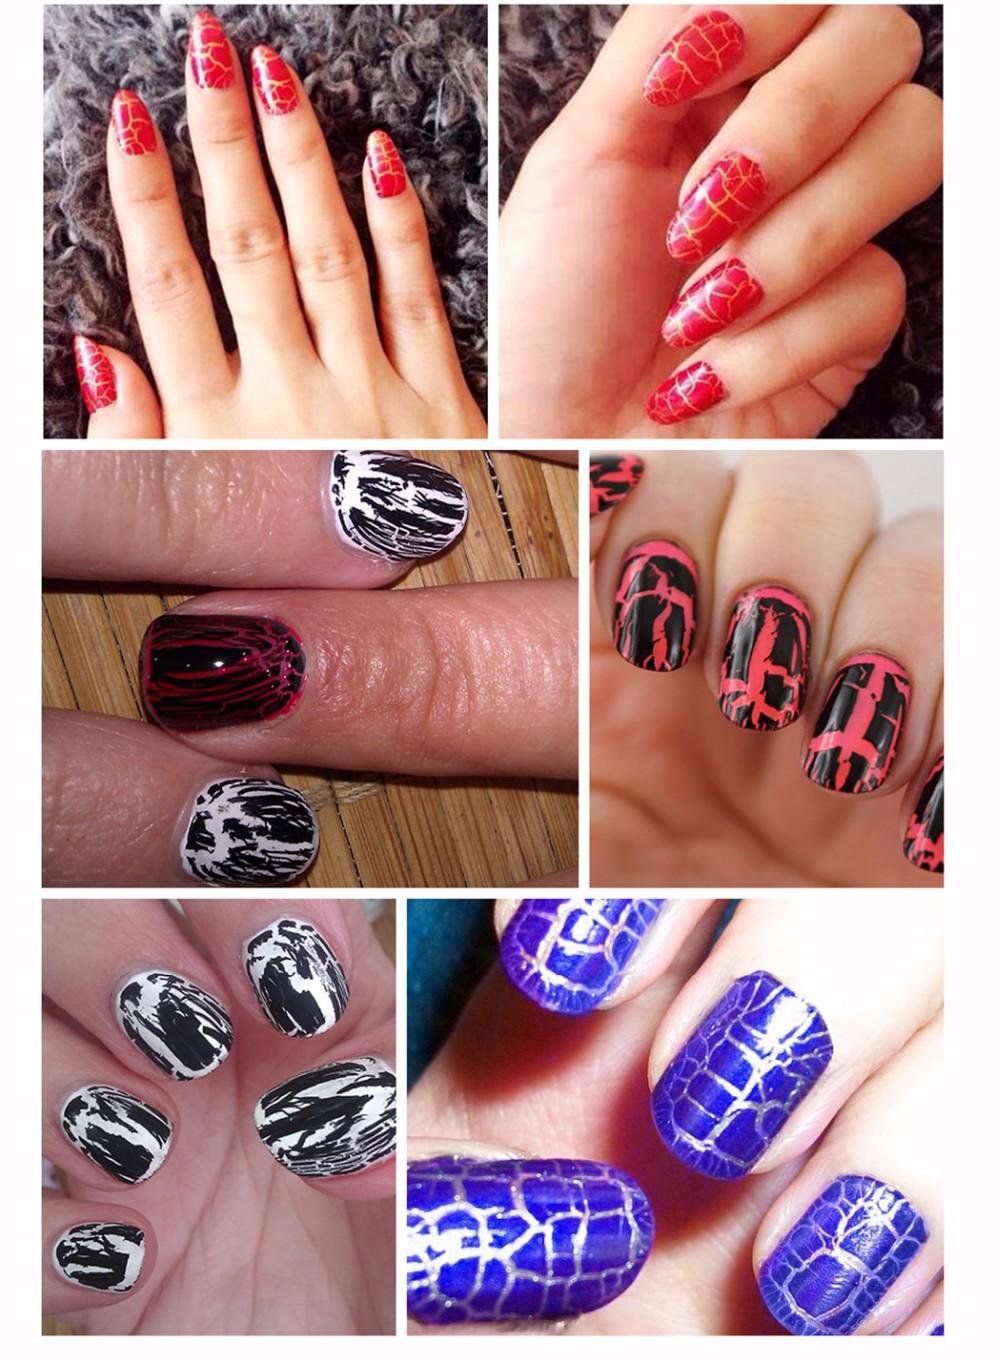 Crack Effect Uv Gel Nails Special Texture Nail Art Designs Soak Off ...